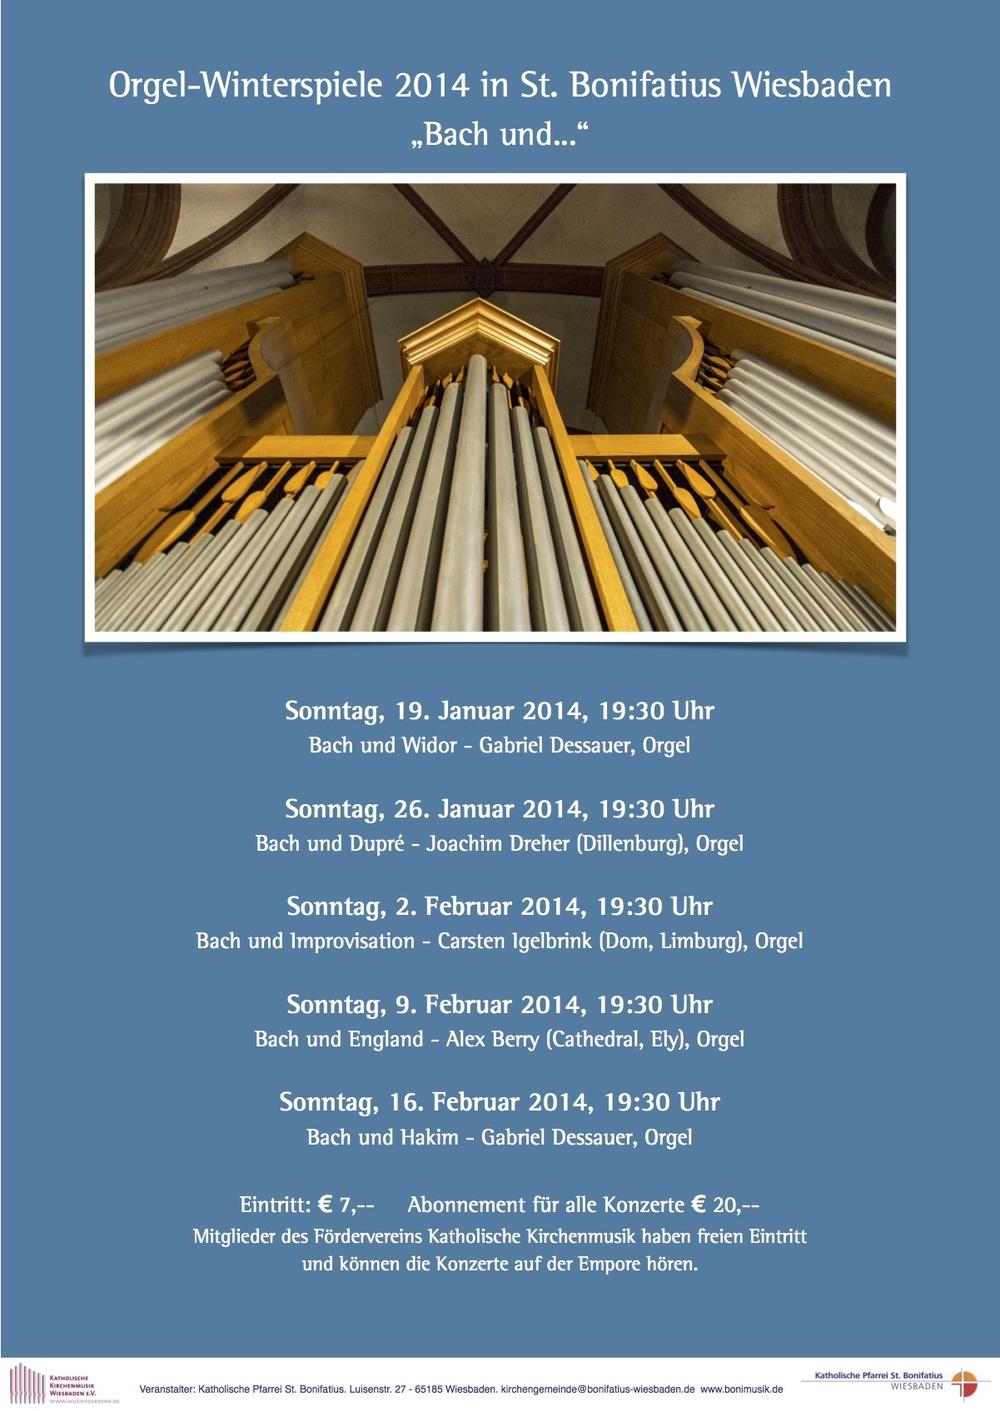 Plakat Orgelwinterspiele 2014